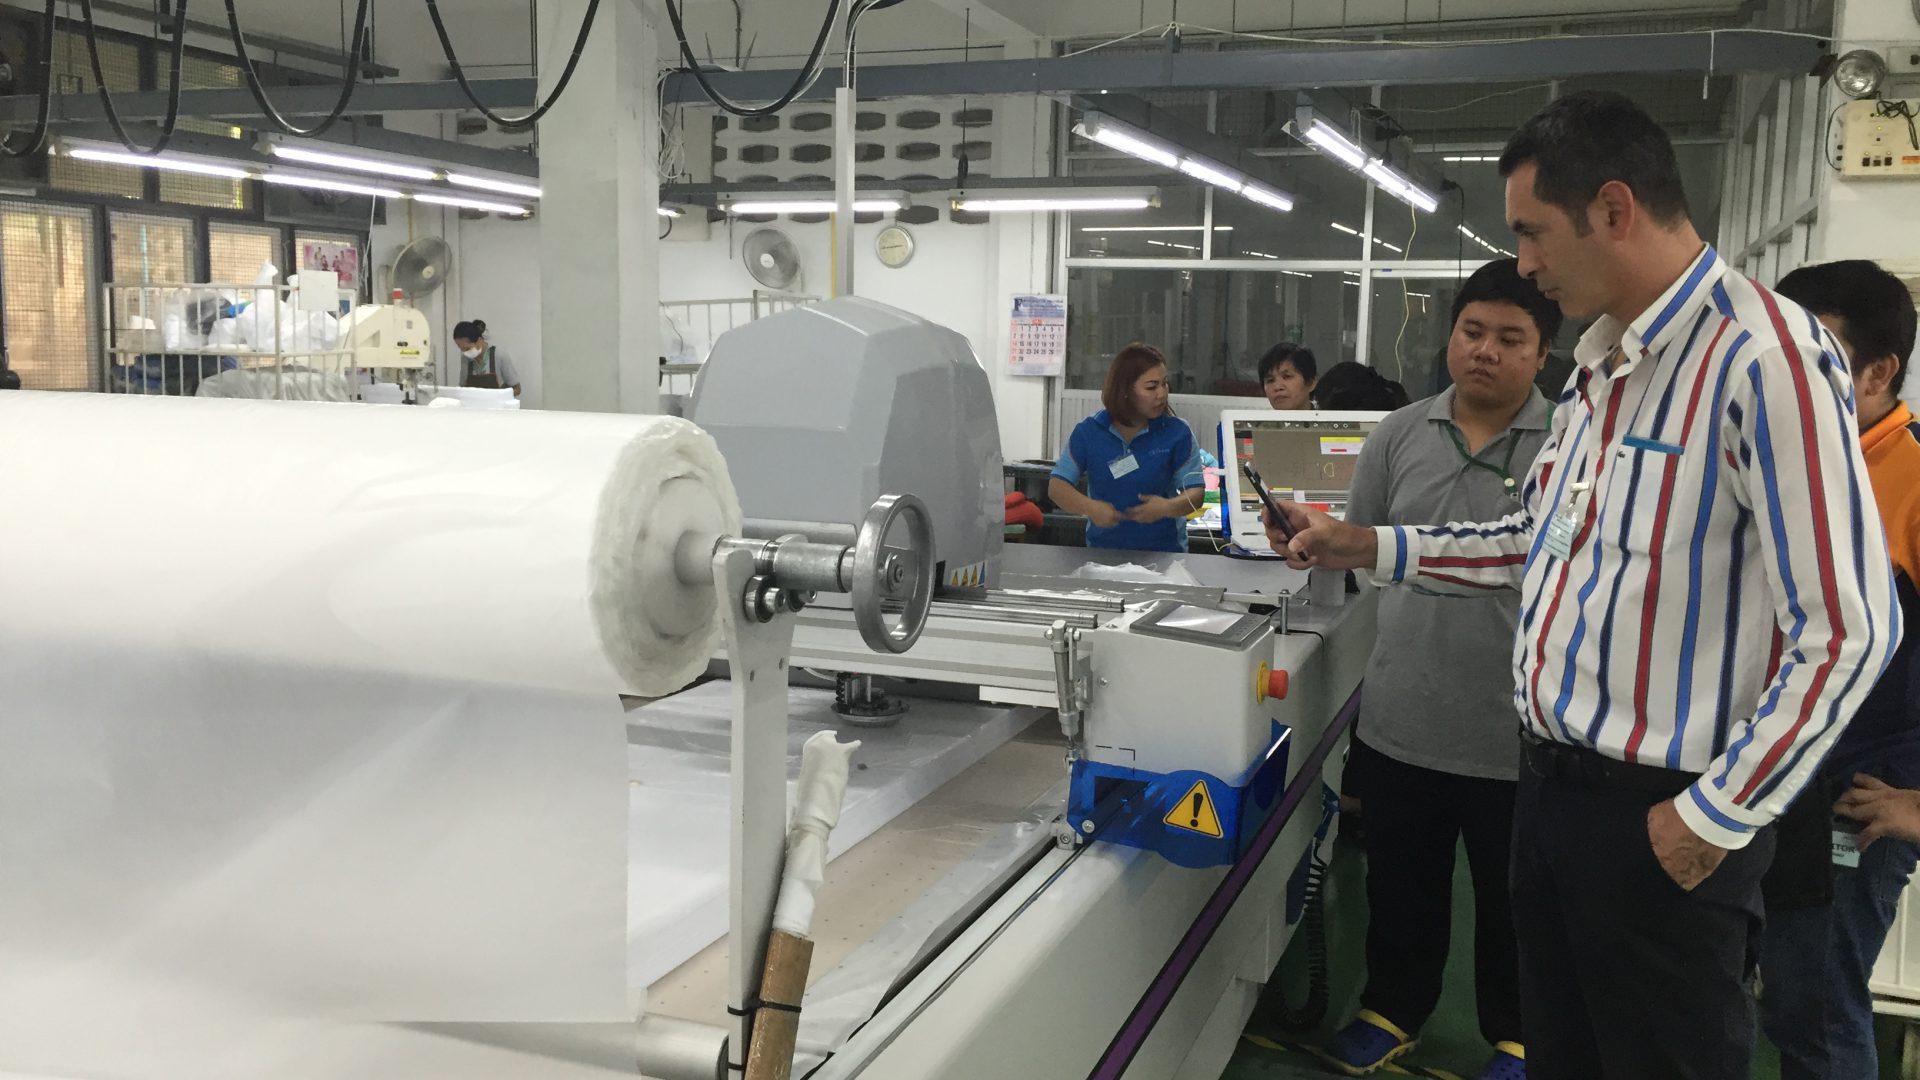 ทดสอบ เครื่องตัดผ้าอัตโนมัติ เครื่องตัดผ้า